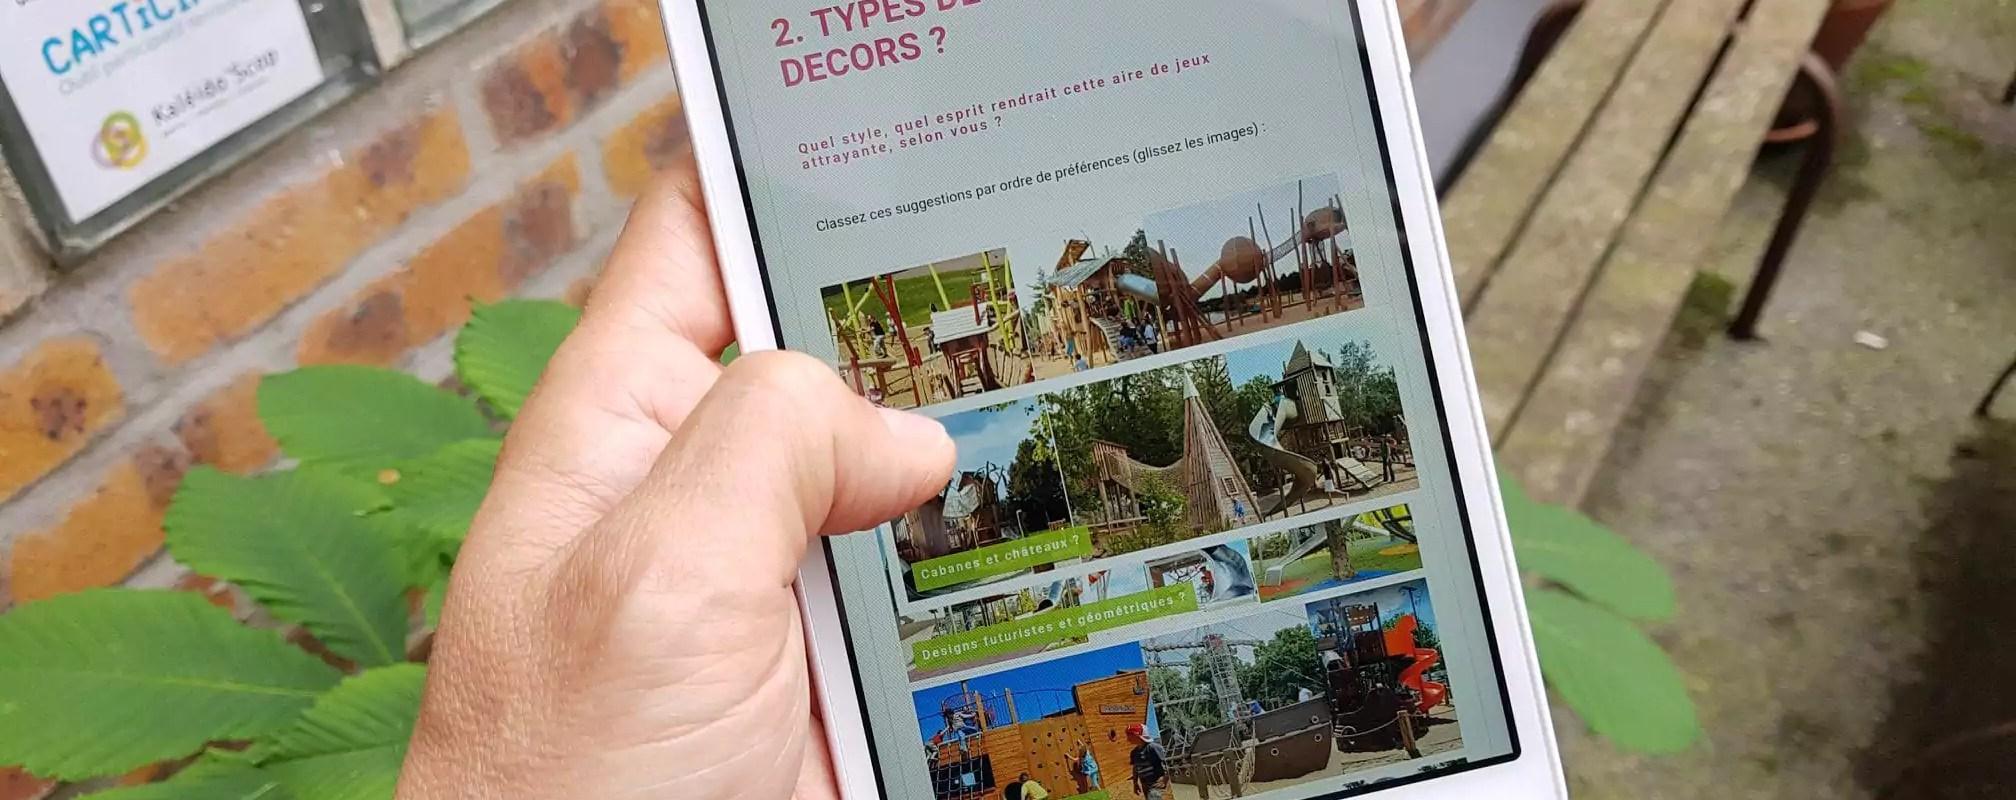 des id es pour une nouvelle aire de jeux aux deux rives. Black Bedroom Furniture Sets. Home Design Ideas